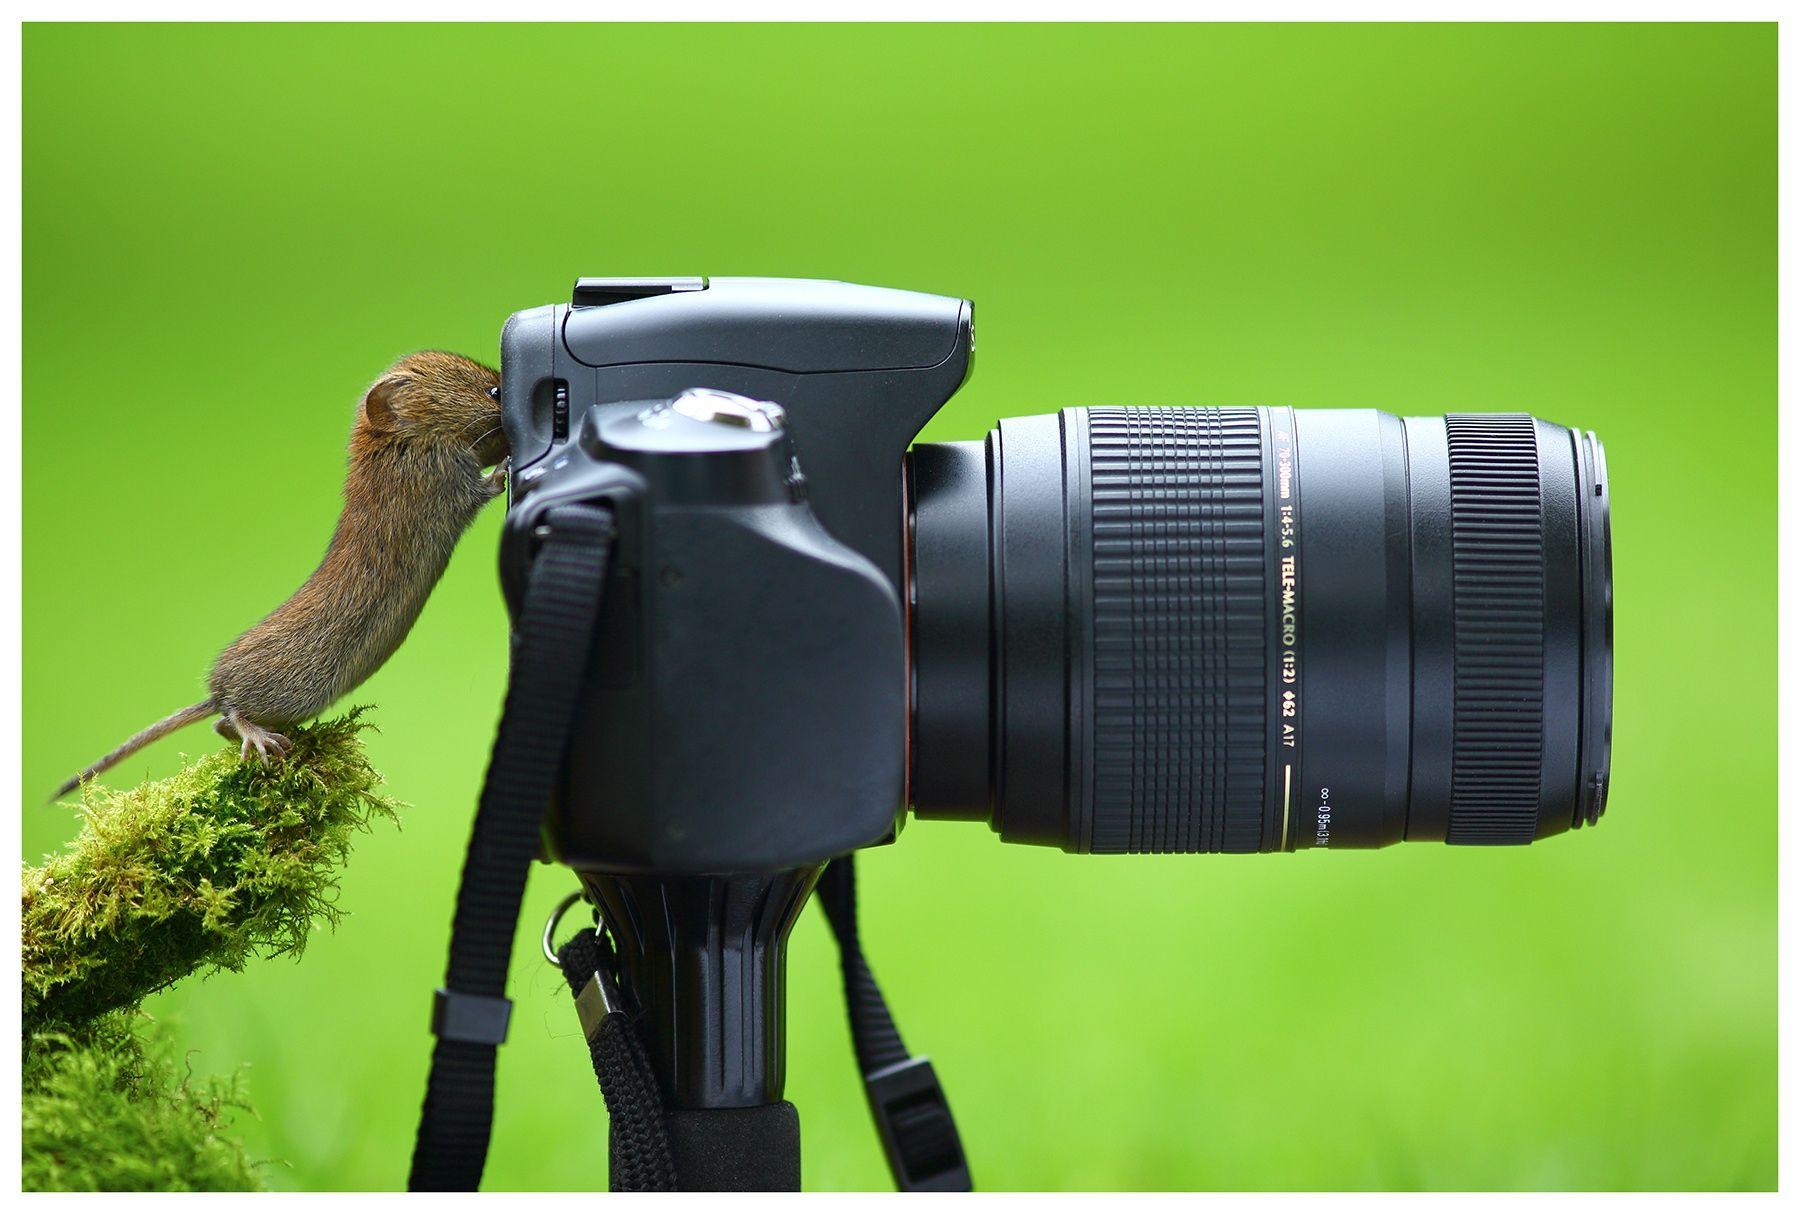 Фотоаппарат картинки смешные, надписью